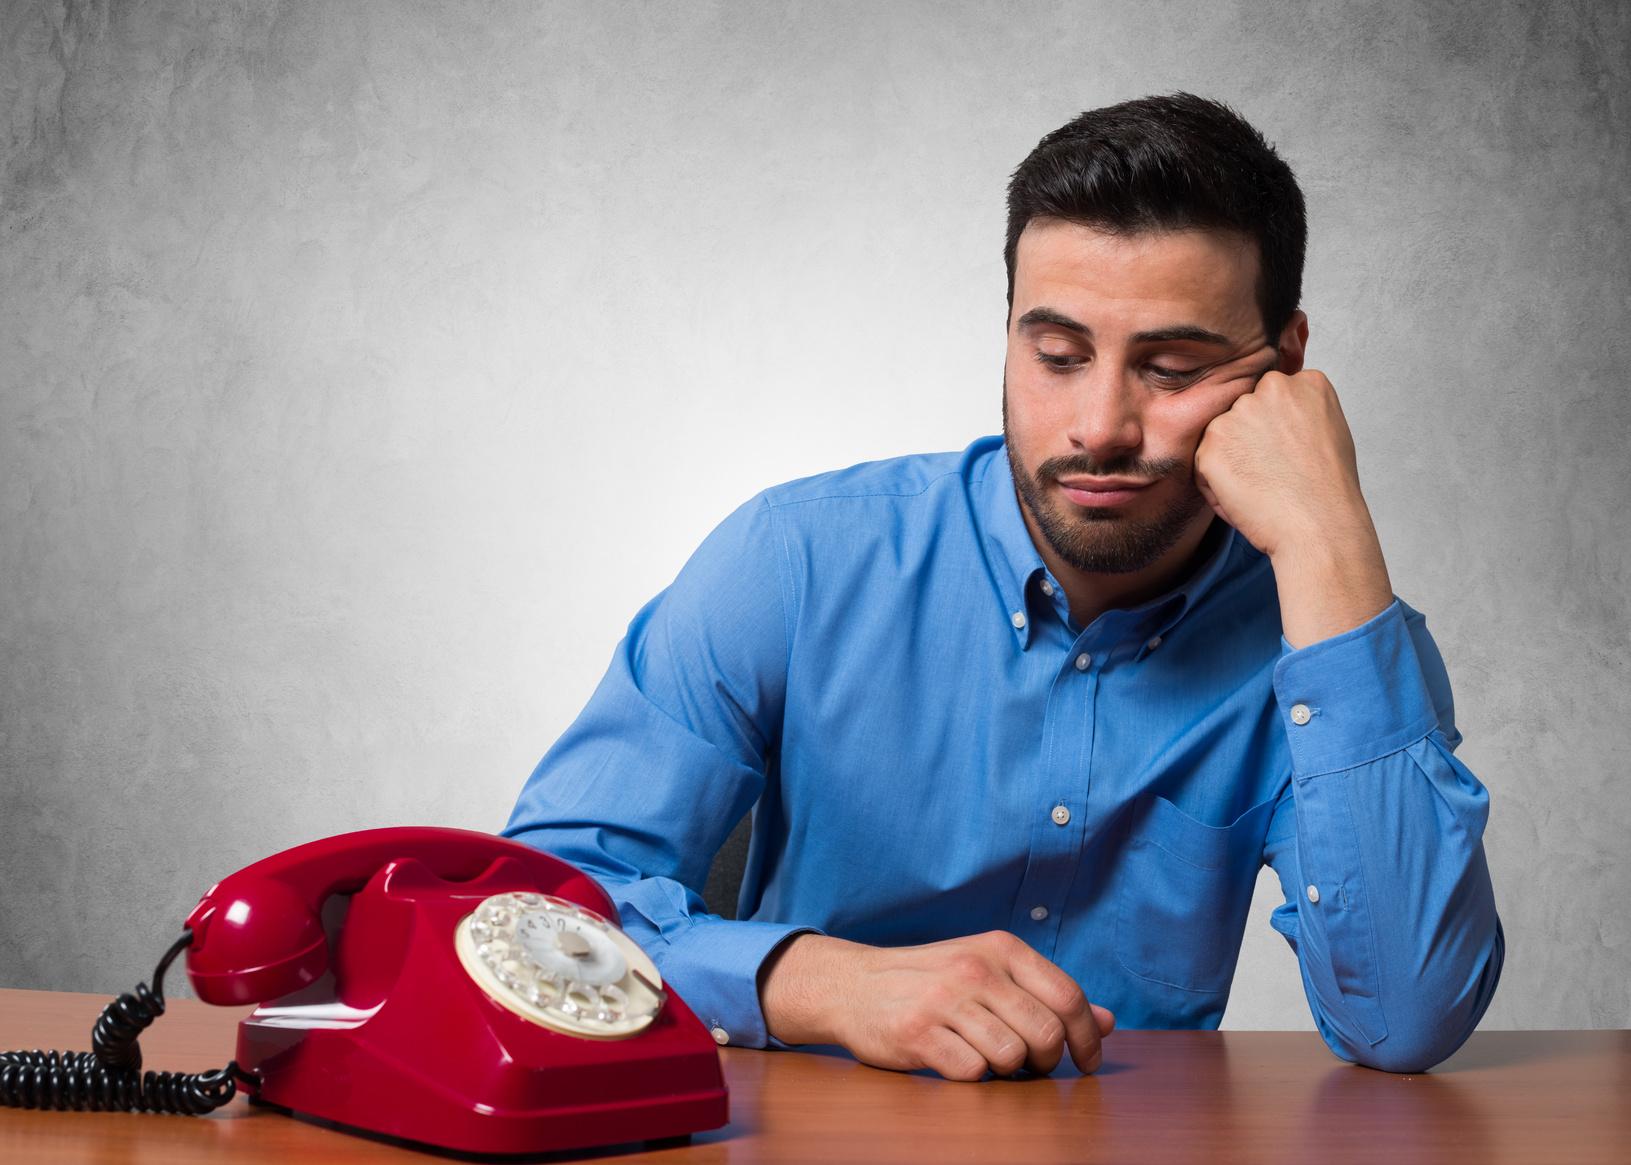 чашу картинка мужчина ждет телефонный звонок дерева